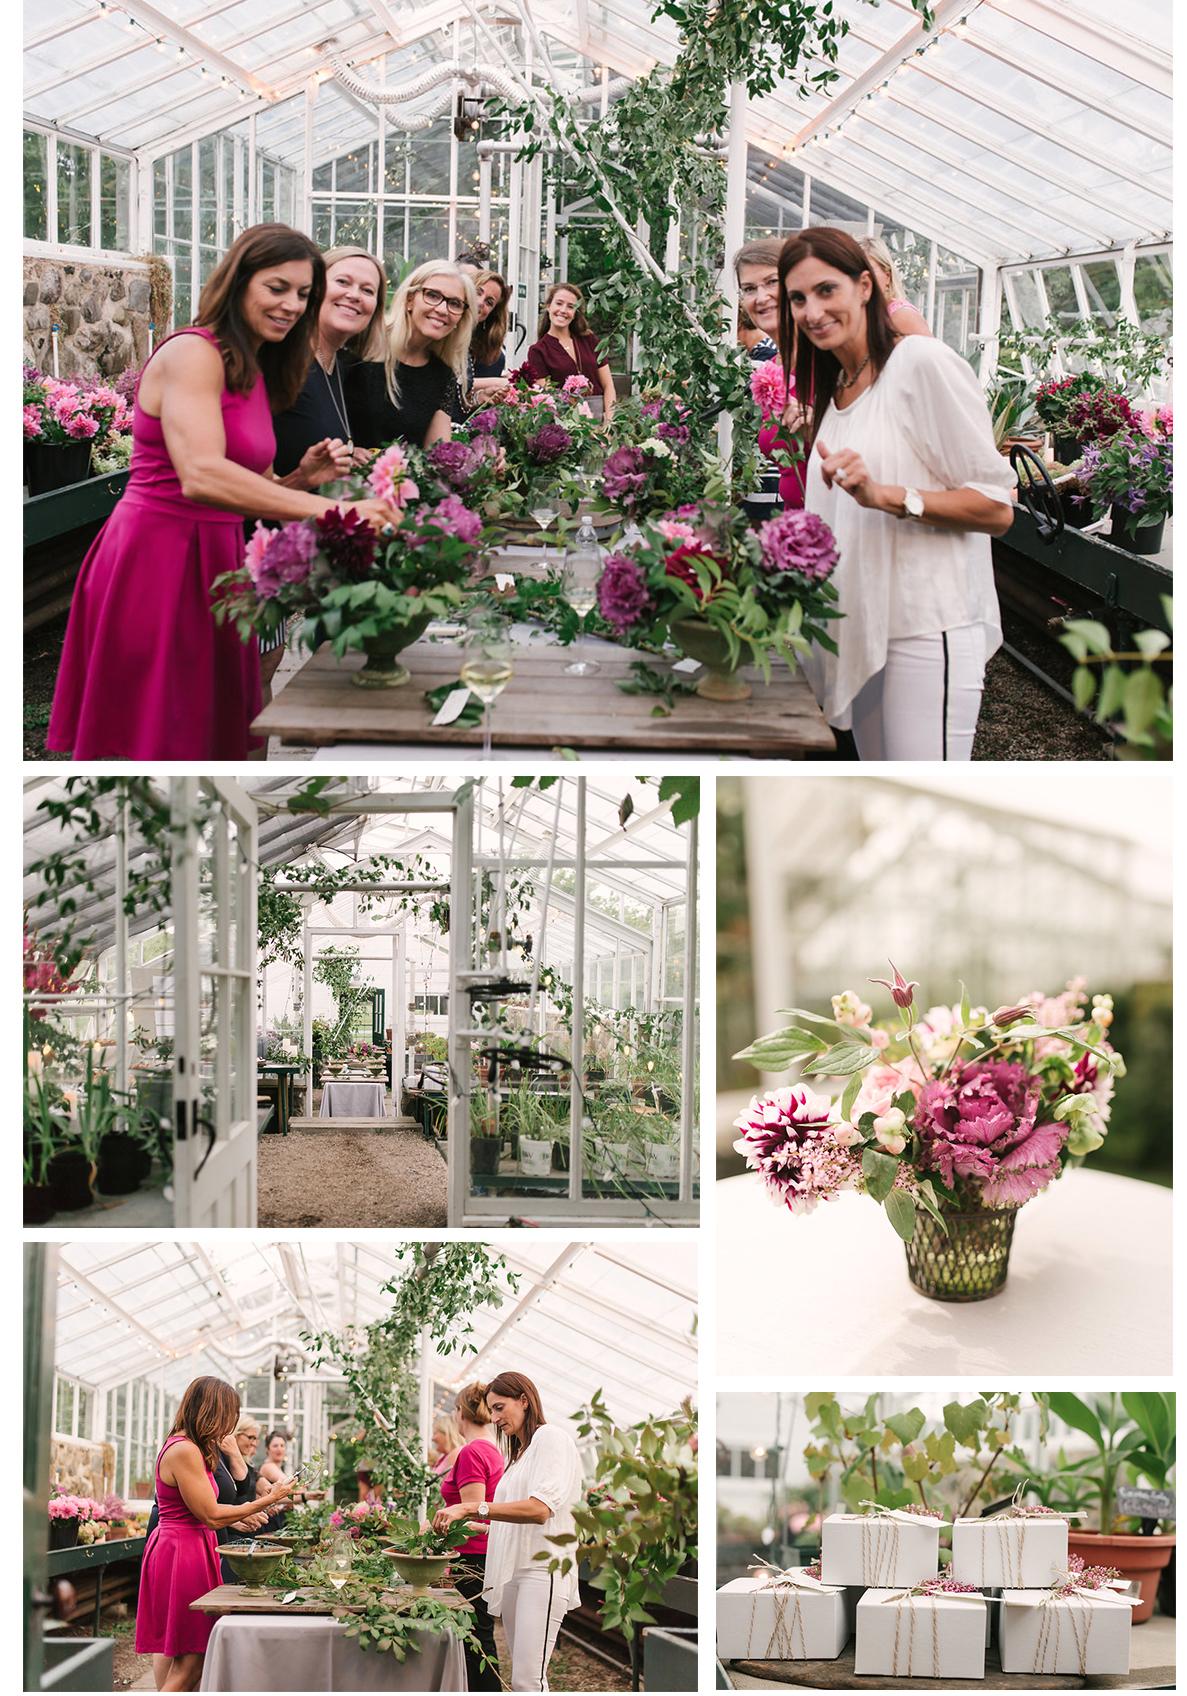 Les Fleurs greenhouse workshop learning to design stunning floral arrangements in heirloom urns